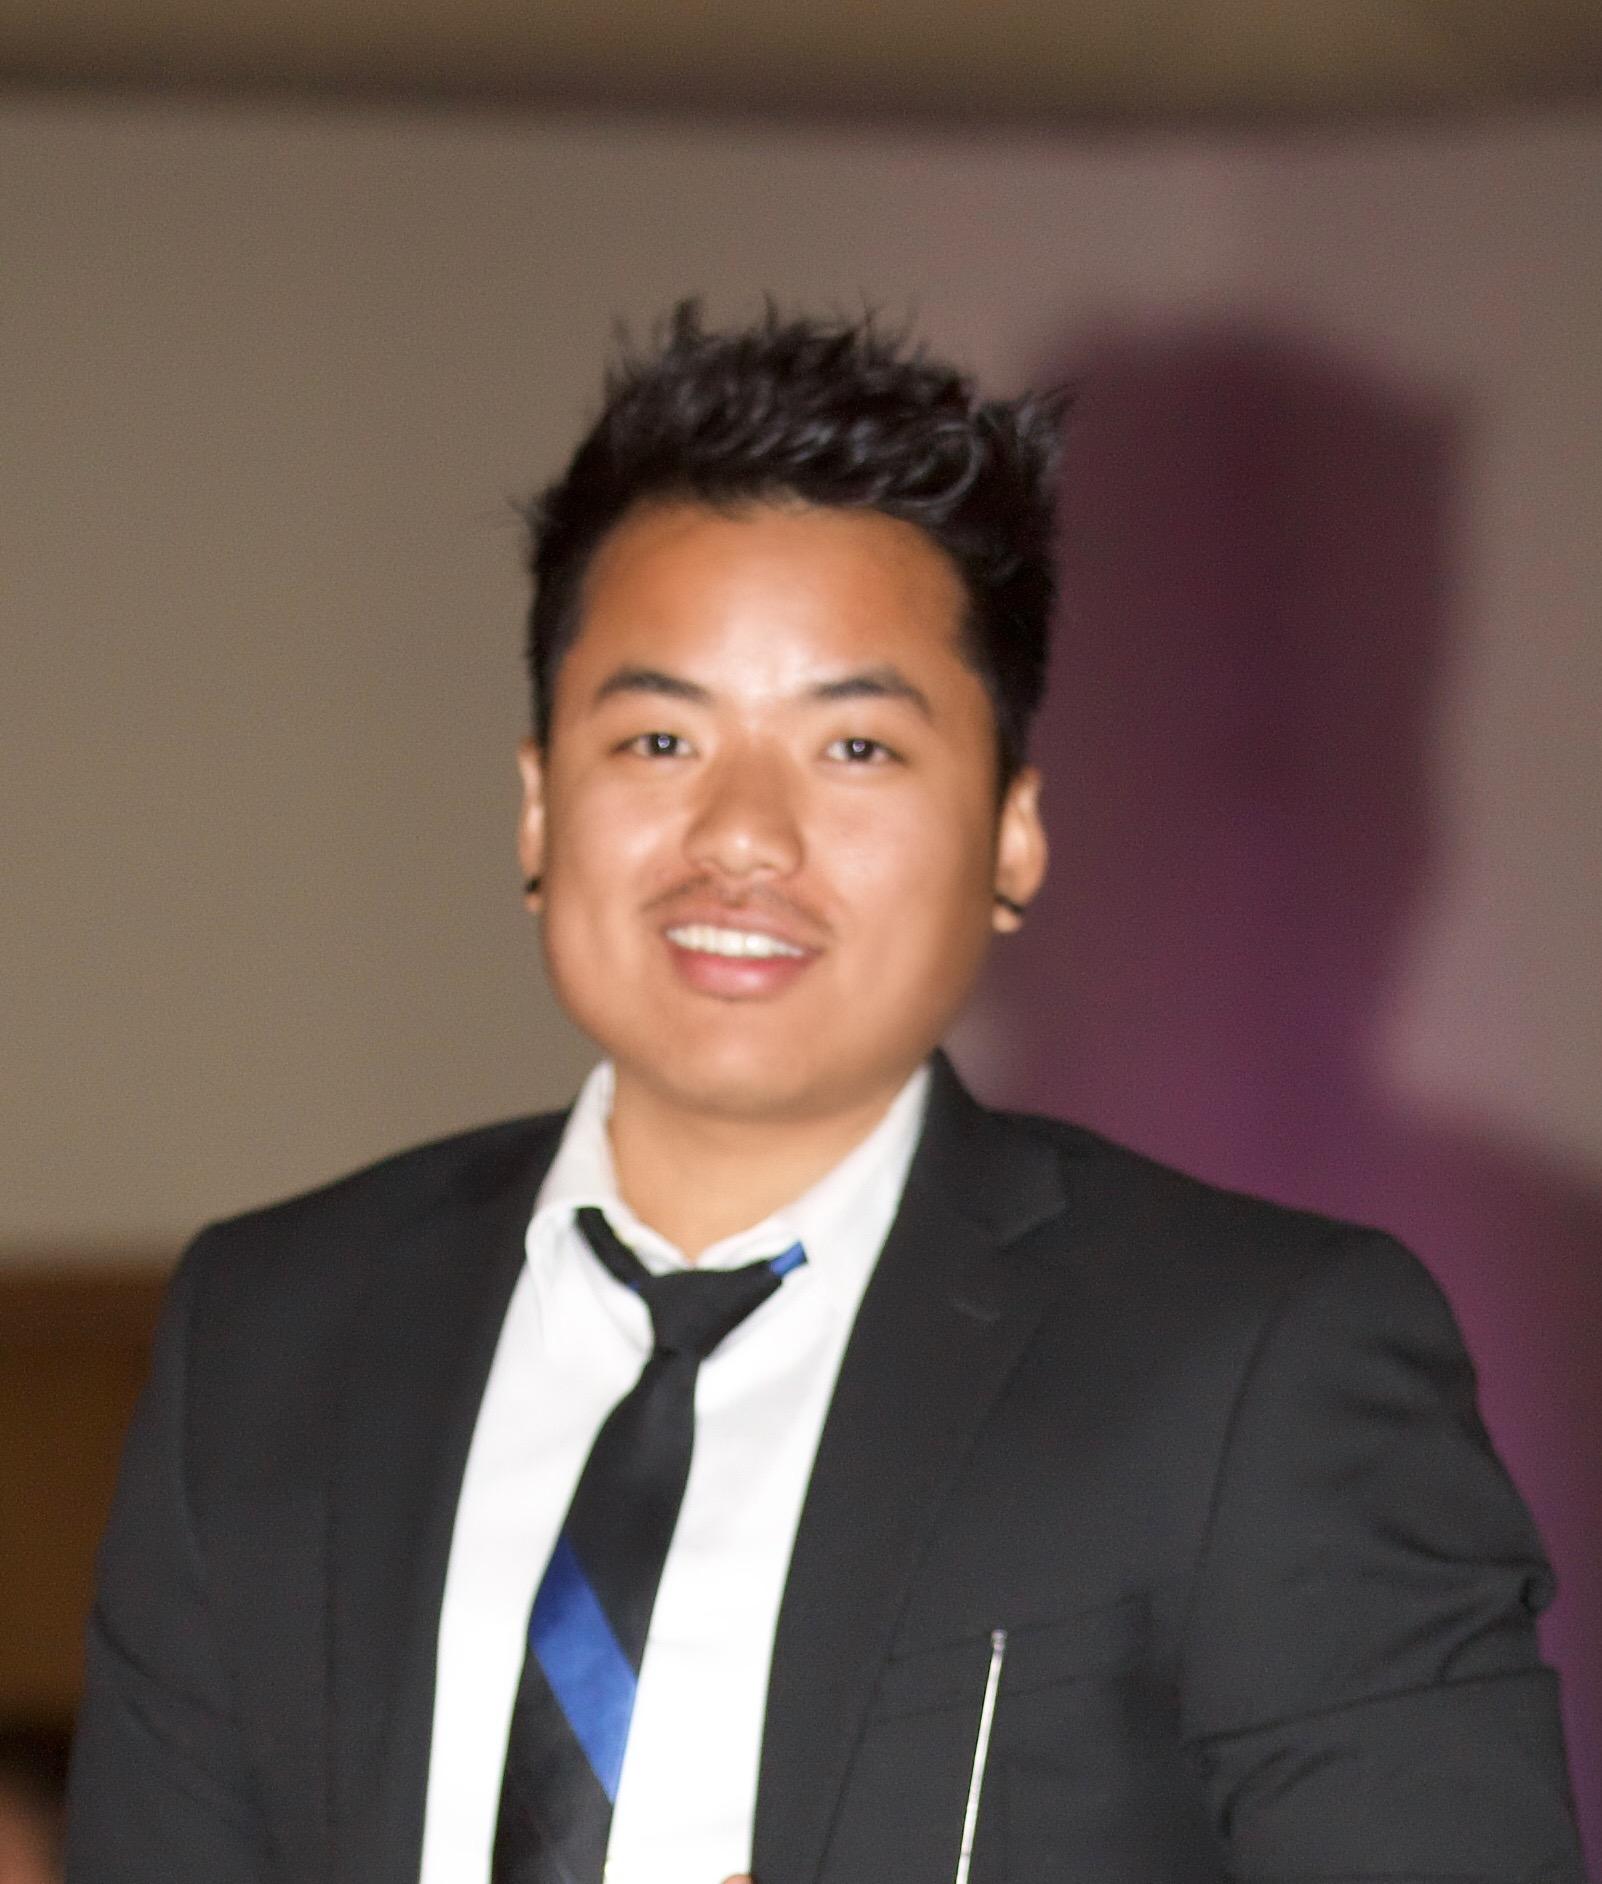 Amir Gurung